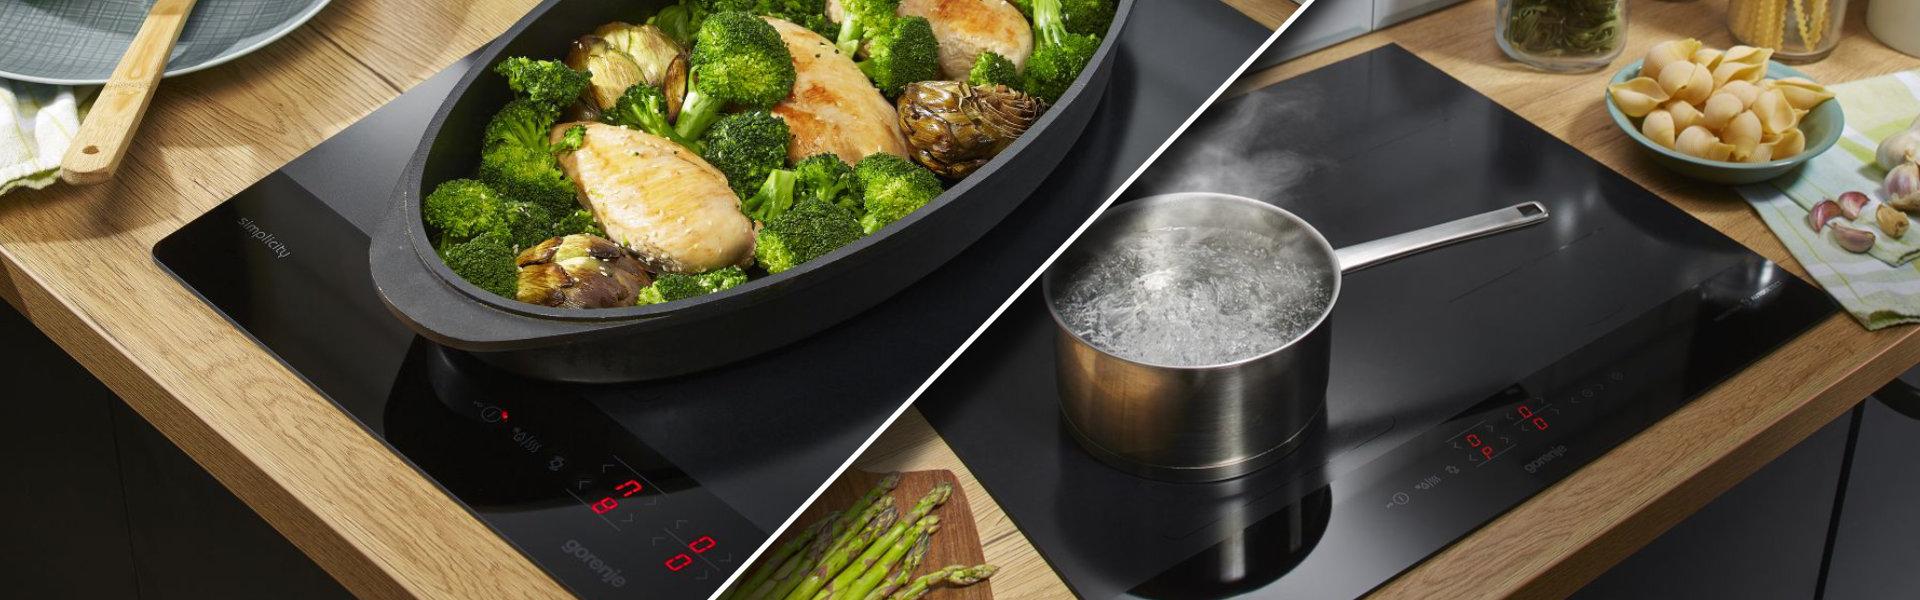 Gorenje ploče za kuhanje nova generacija